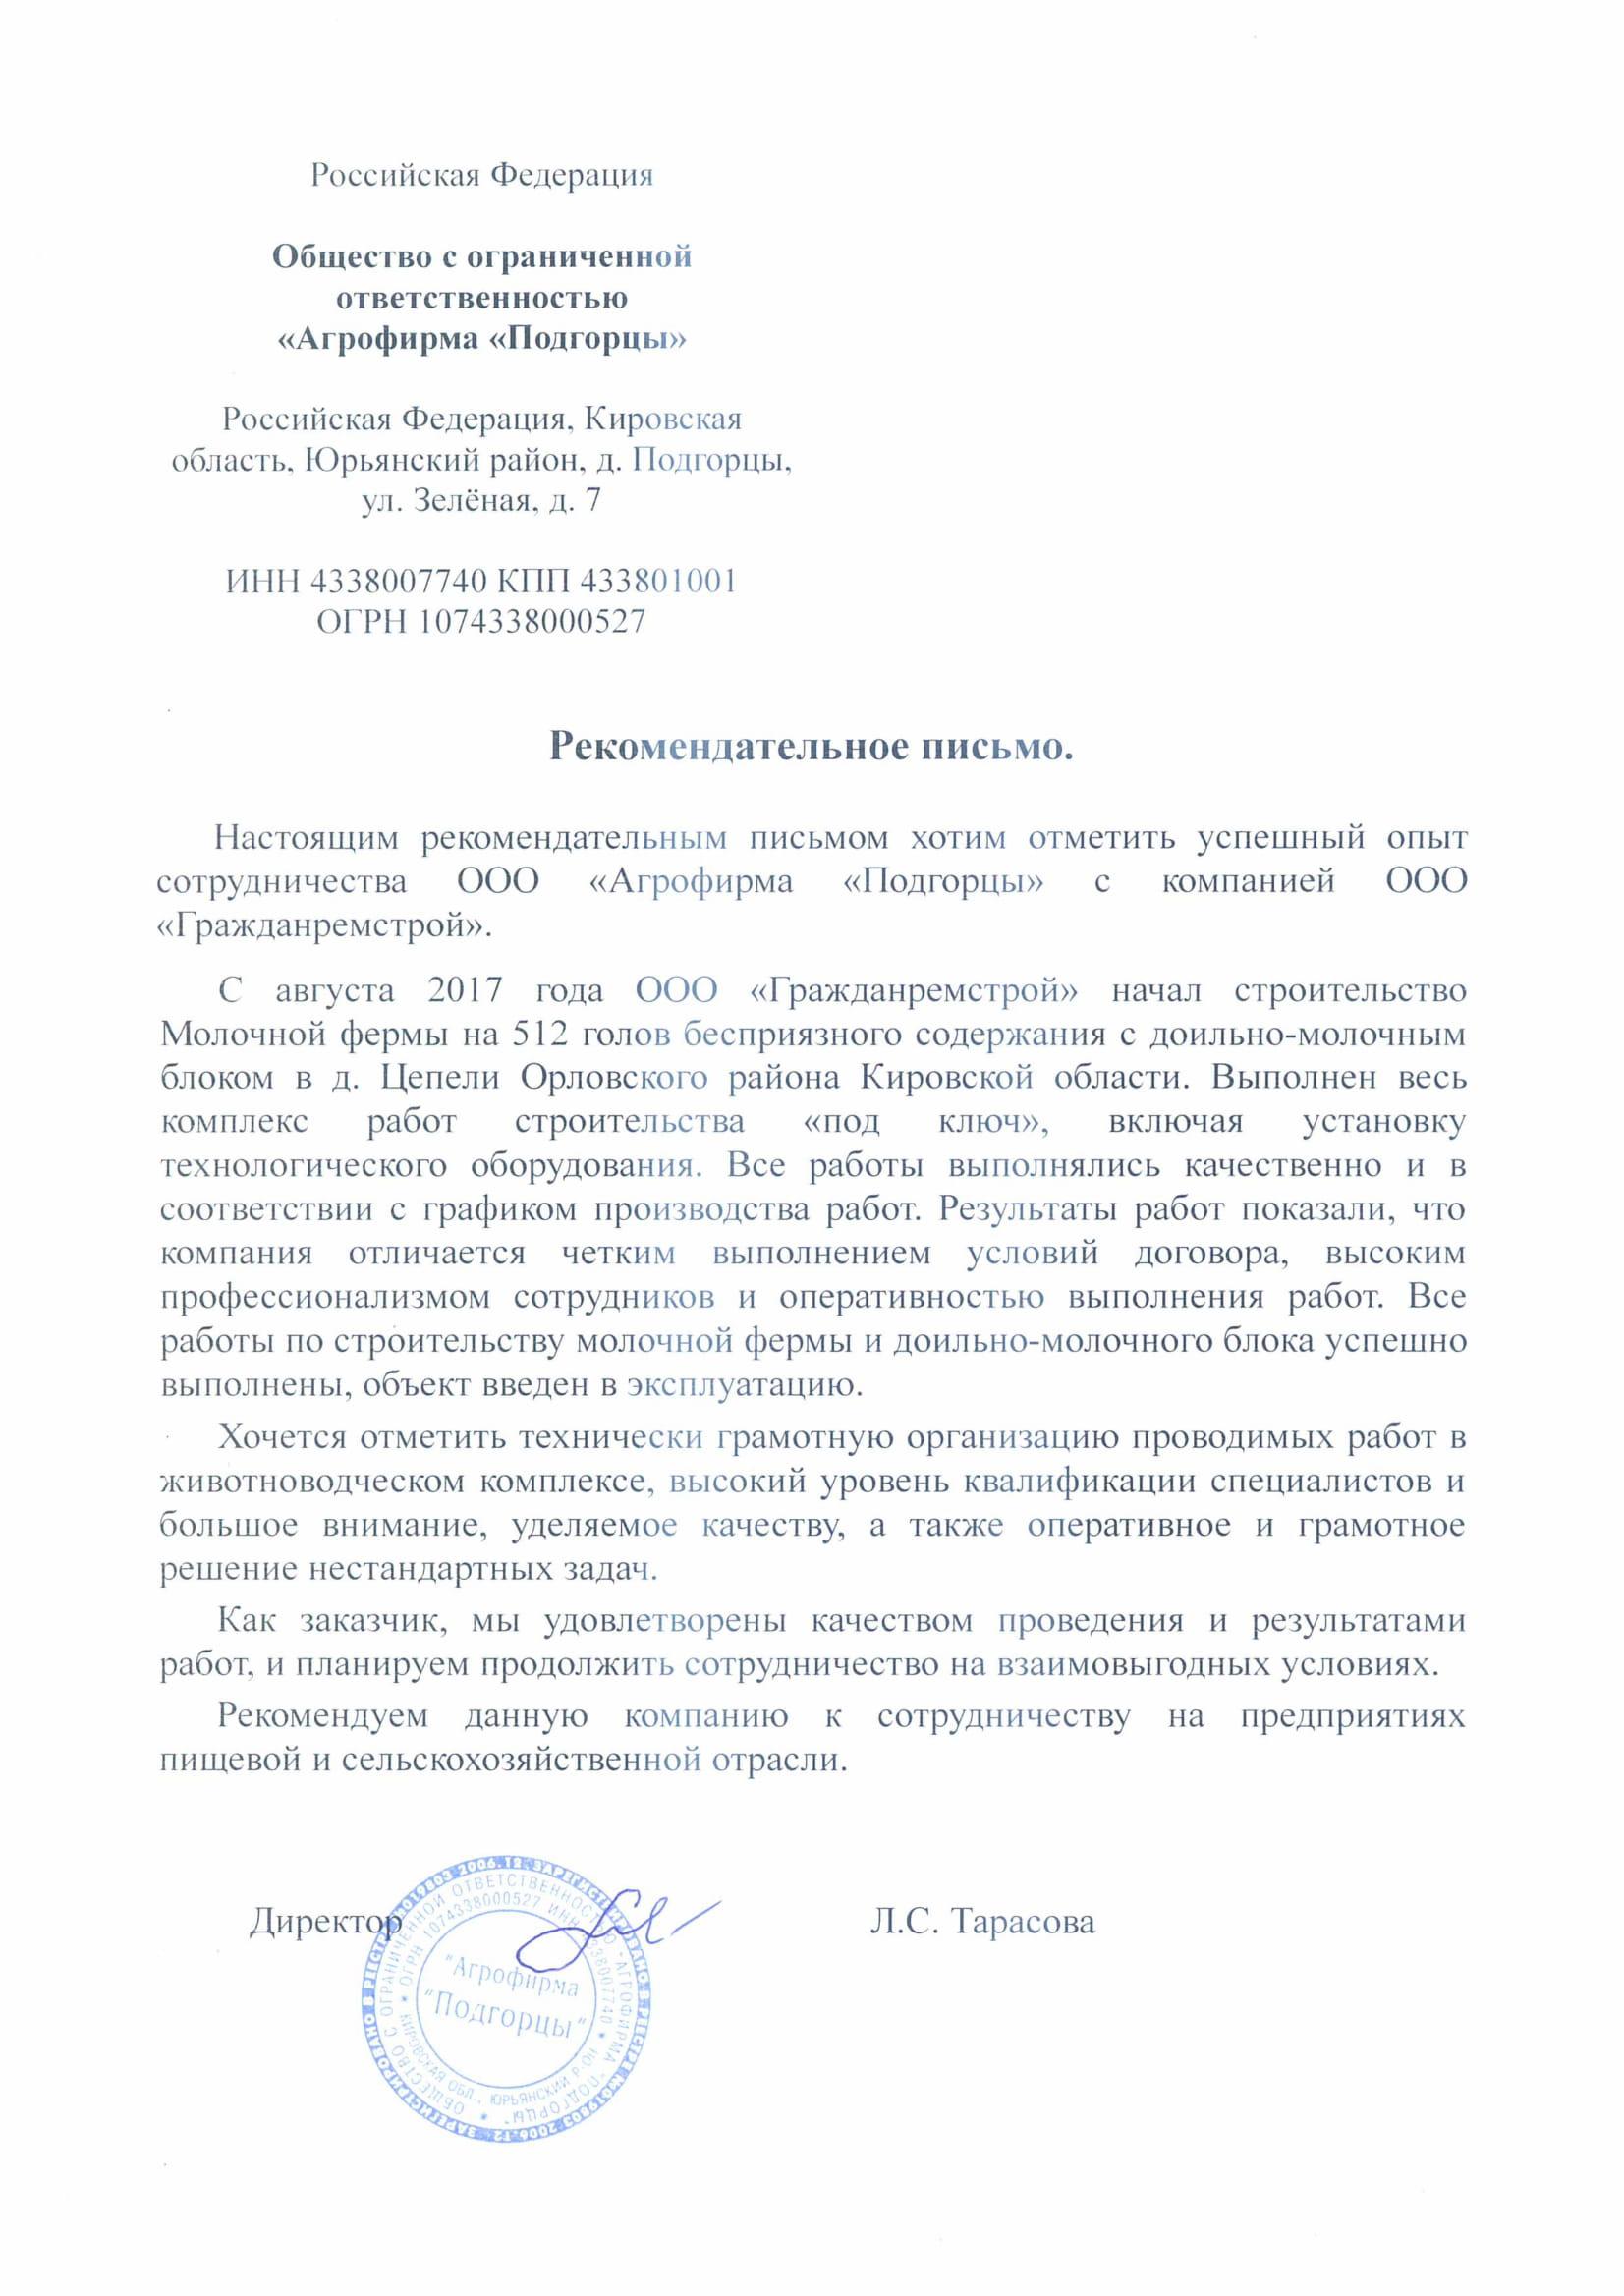 ООО Агрофирма Подгорцы, рекомендательное письмо